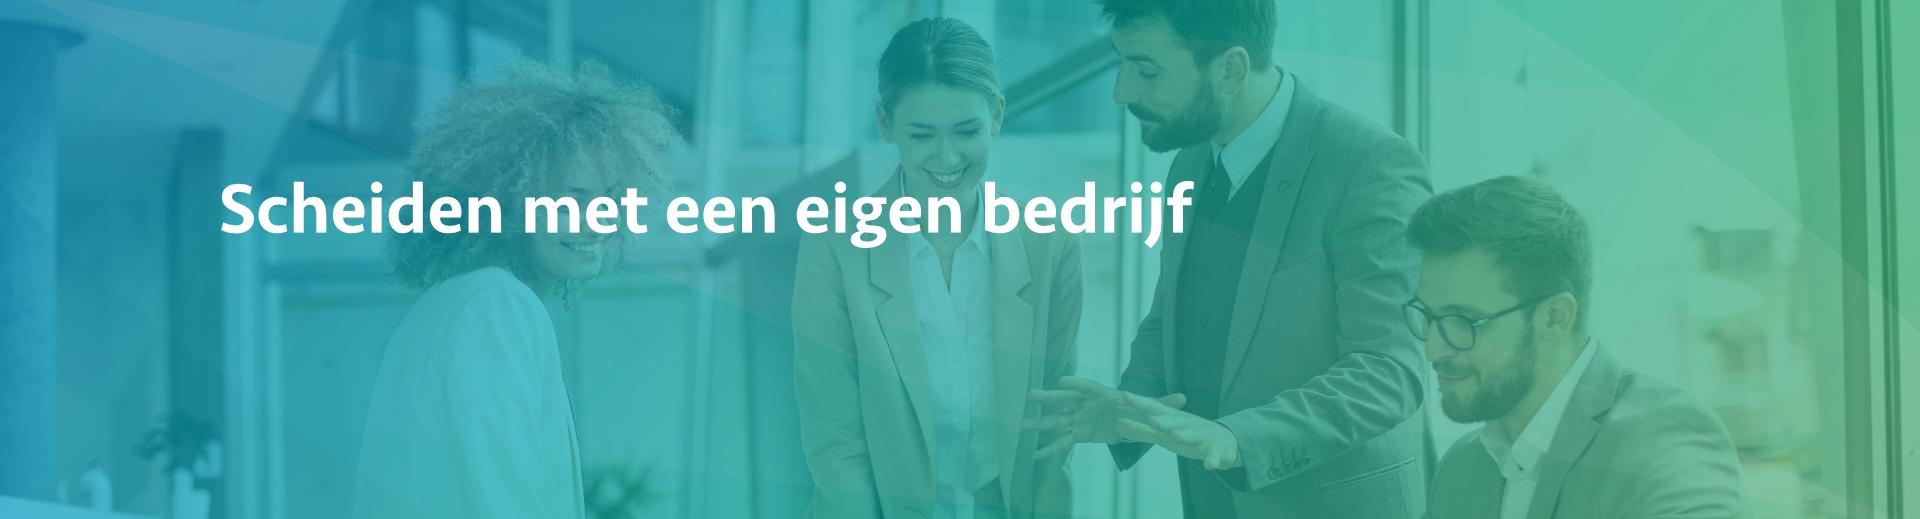 scheiden met een eigen bedrijf - Scheidingsplanner Hilversum - Bilthoven - Soest - Het Gooi